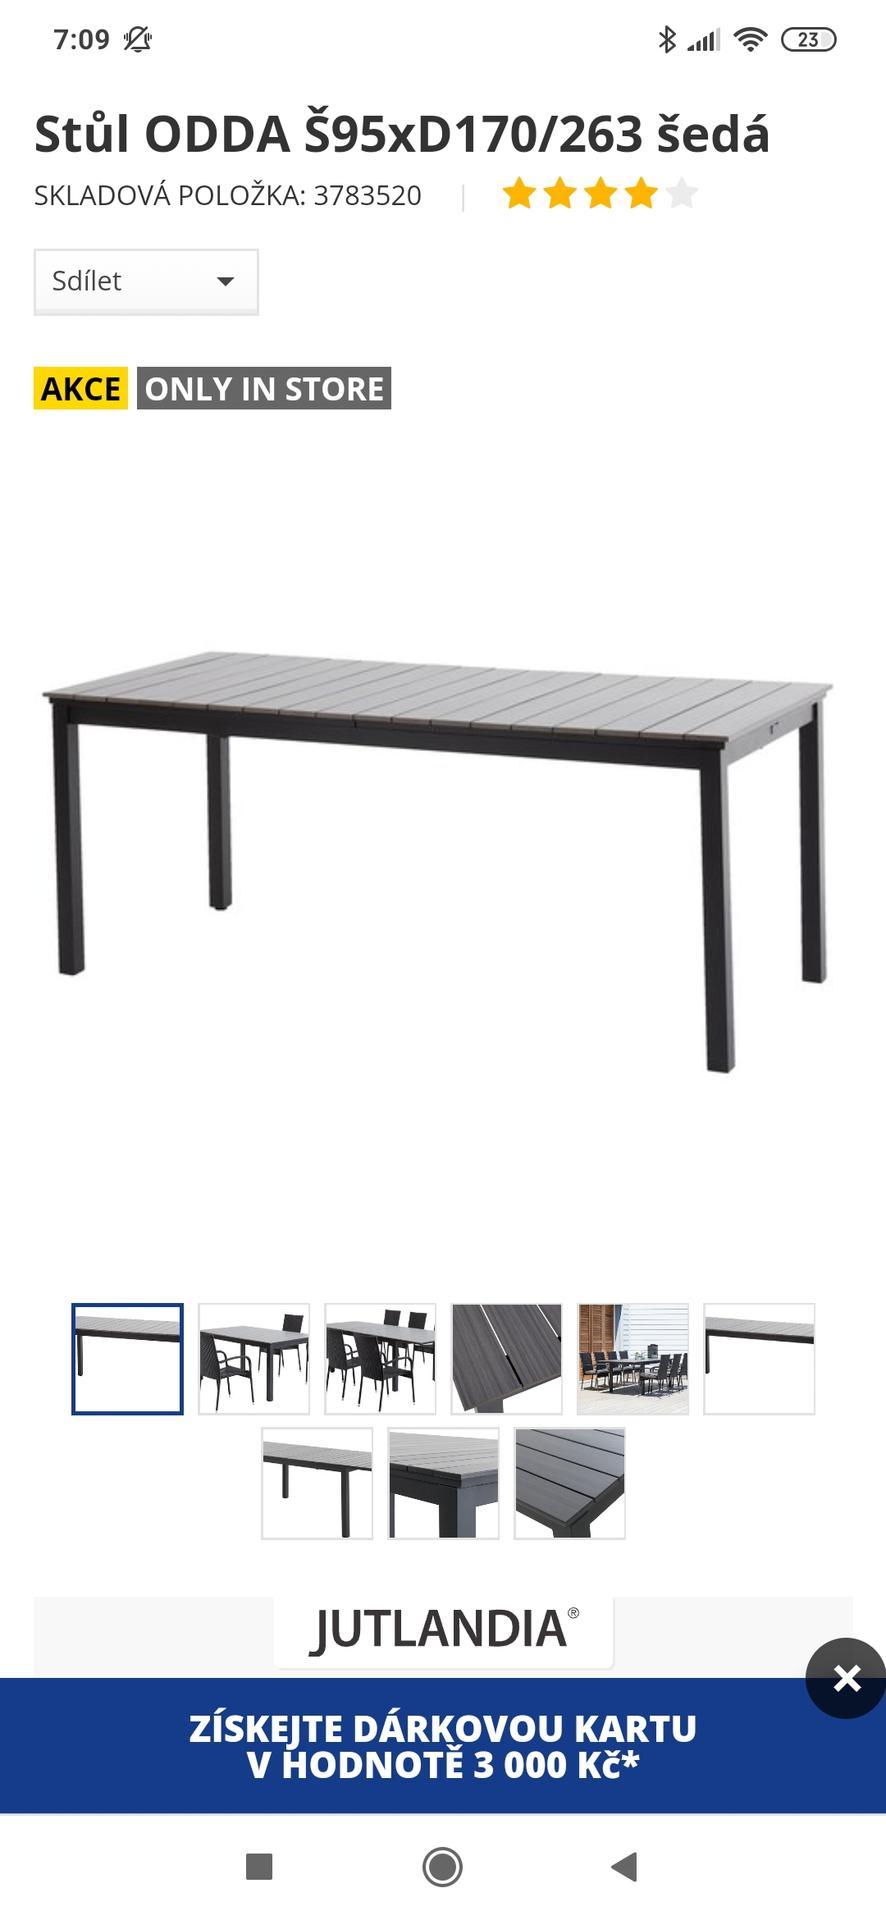 Nemáte náhodou někdo tento stůl na terasu z Jysku? 🌞 - Obrázek č. 1